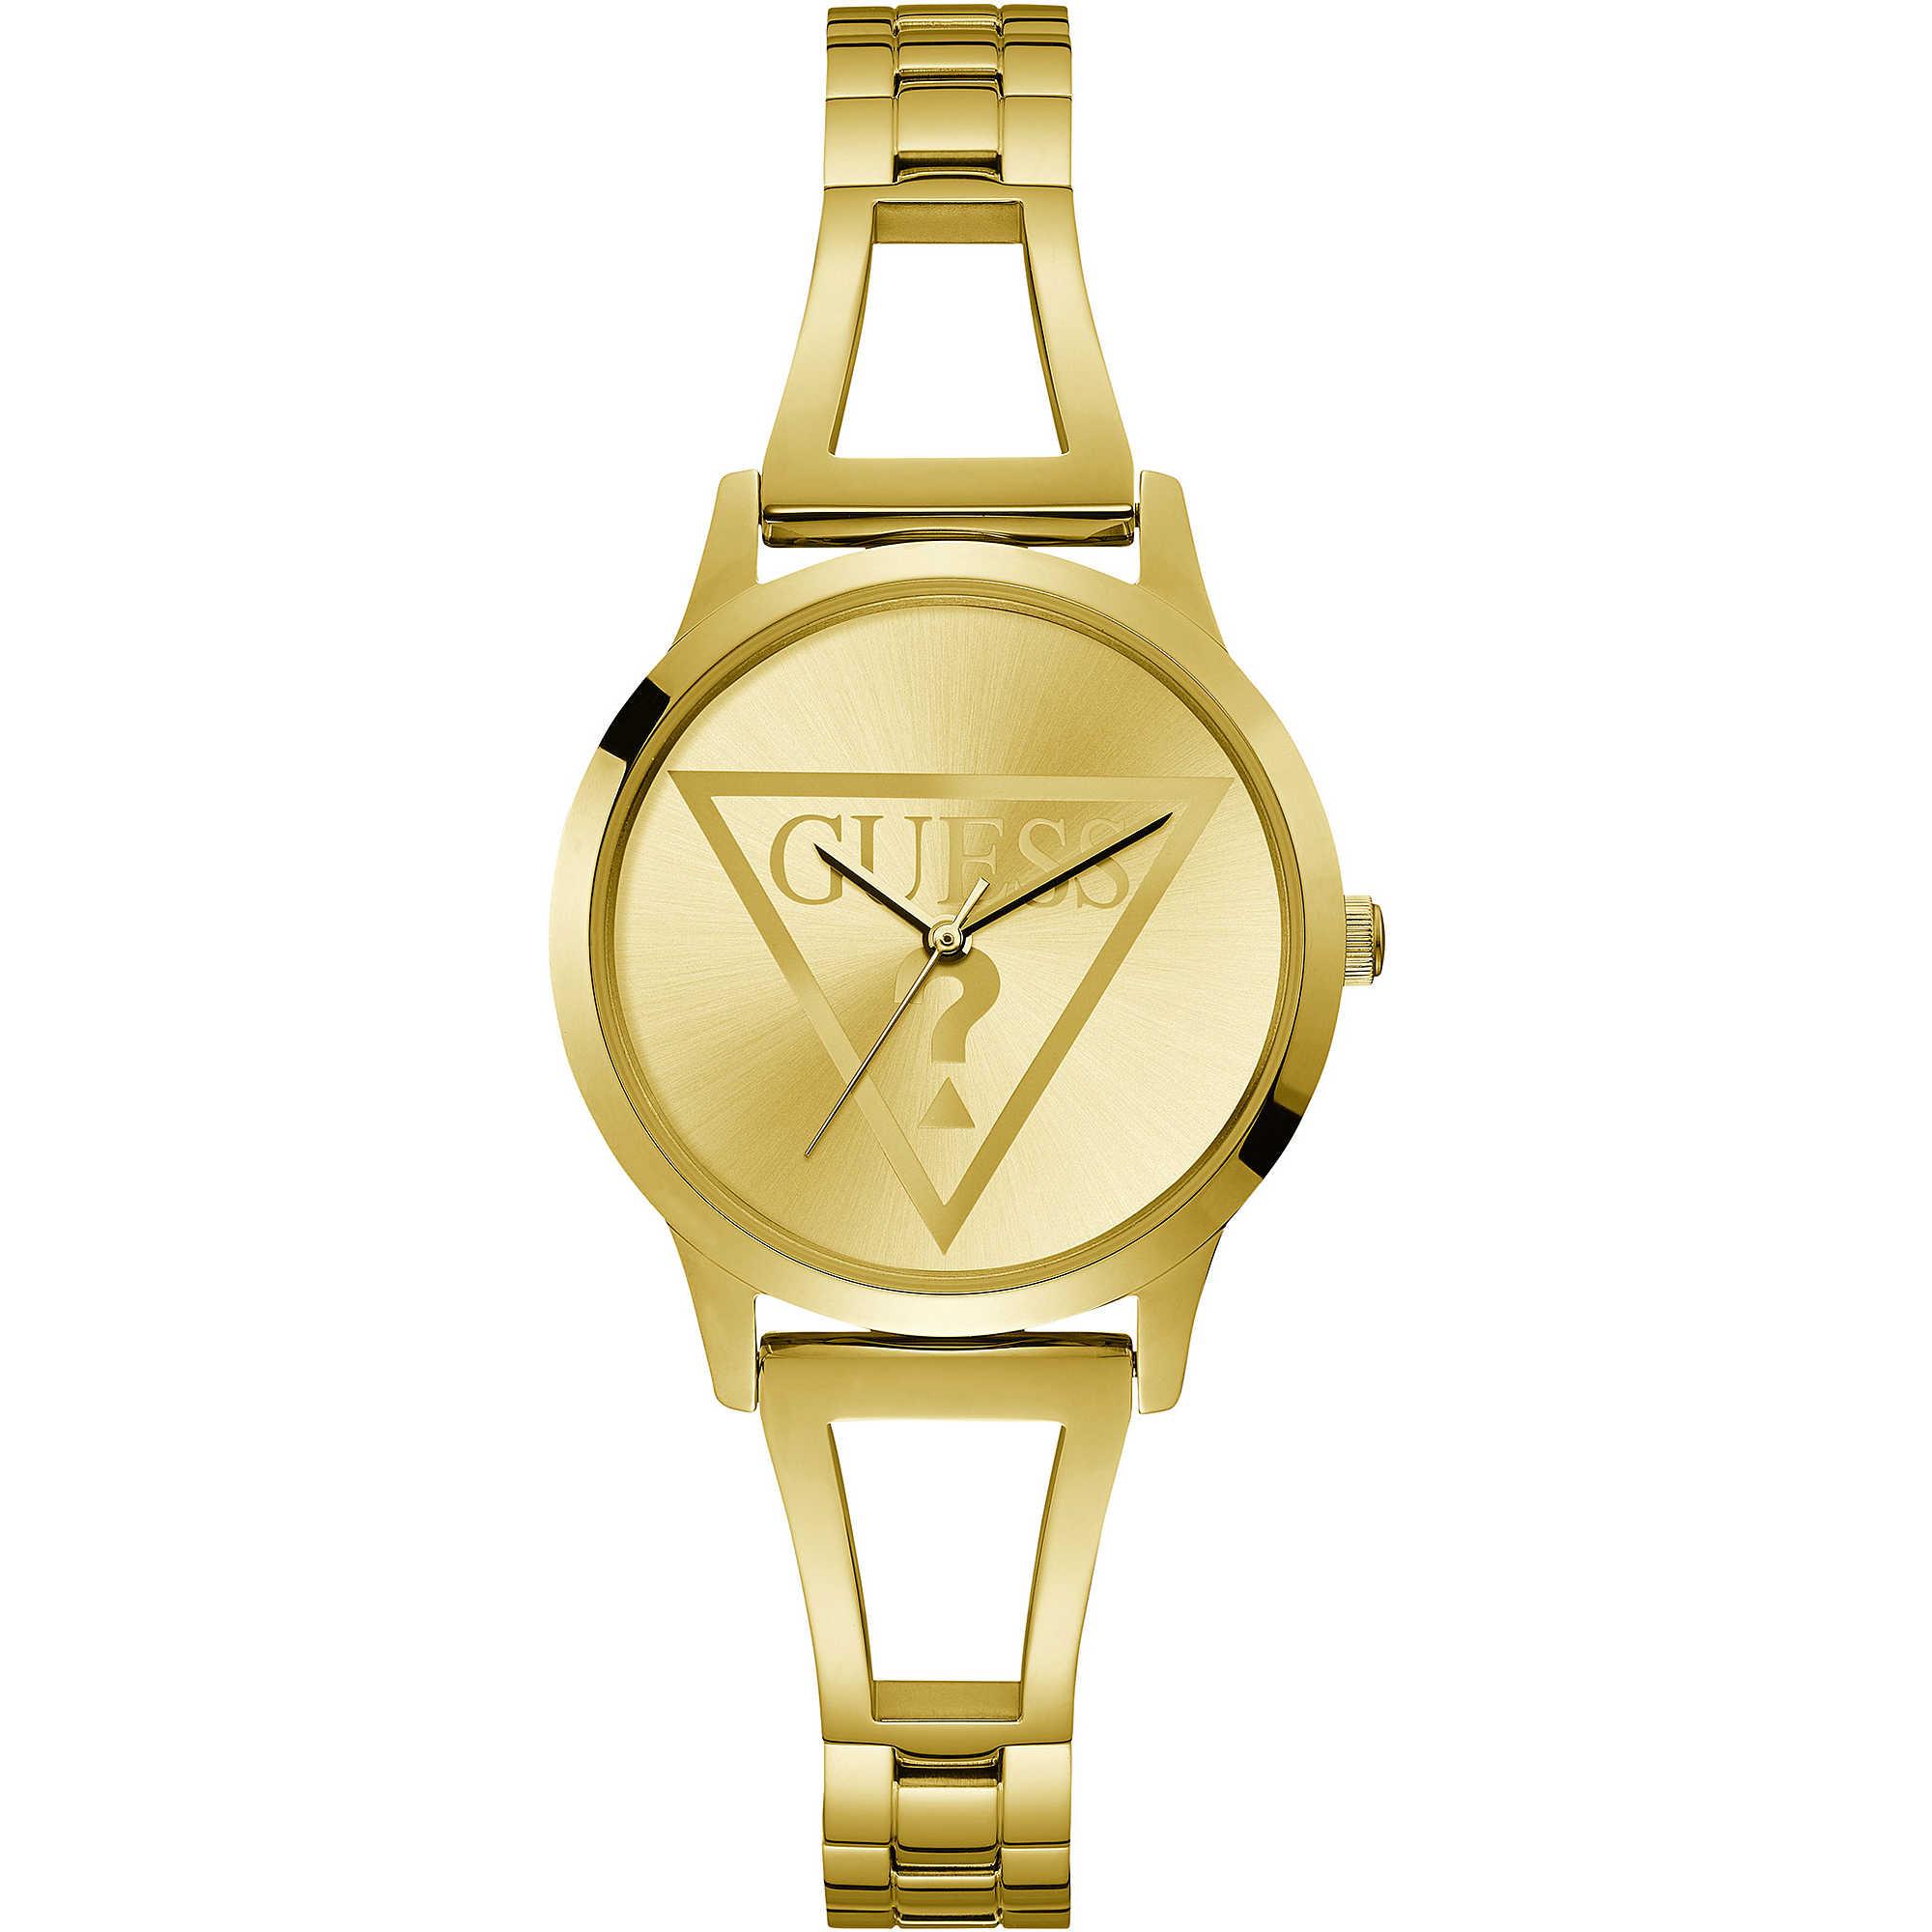 Orologio Guess Donna Solo Tempo LOLA PVD oro giallo W1145L3